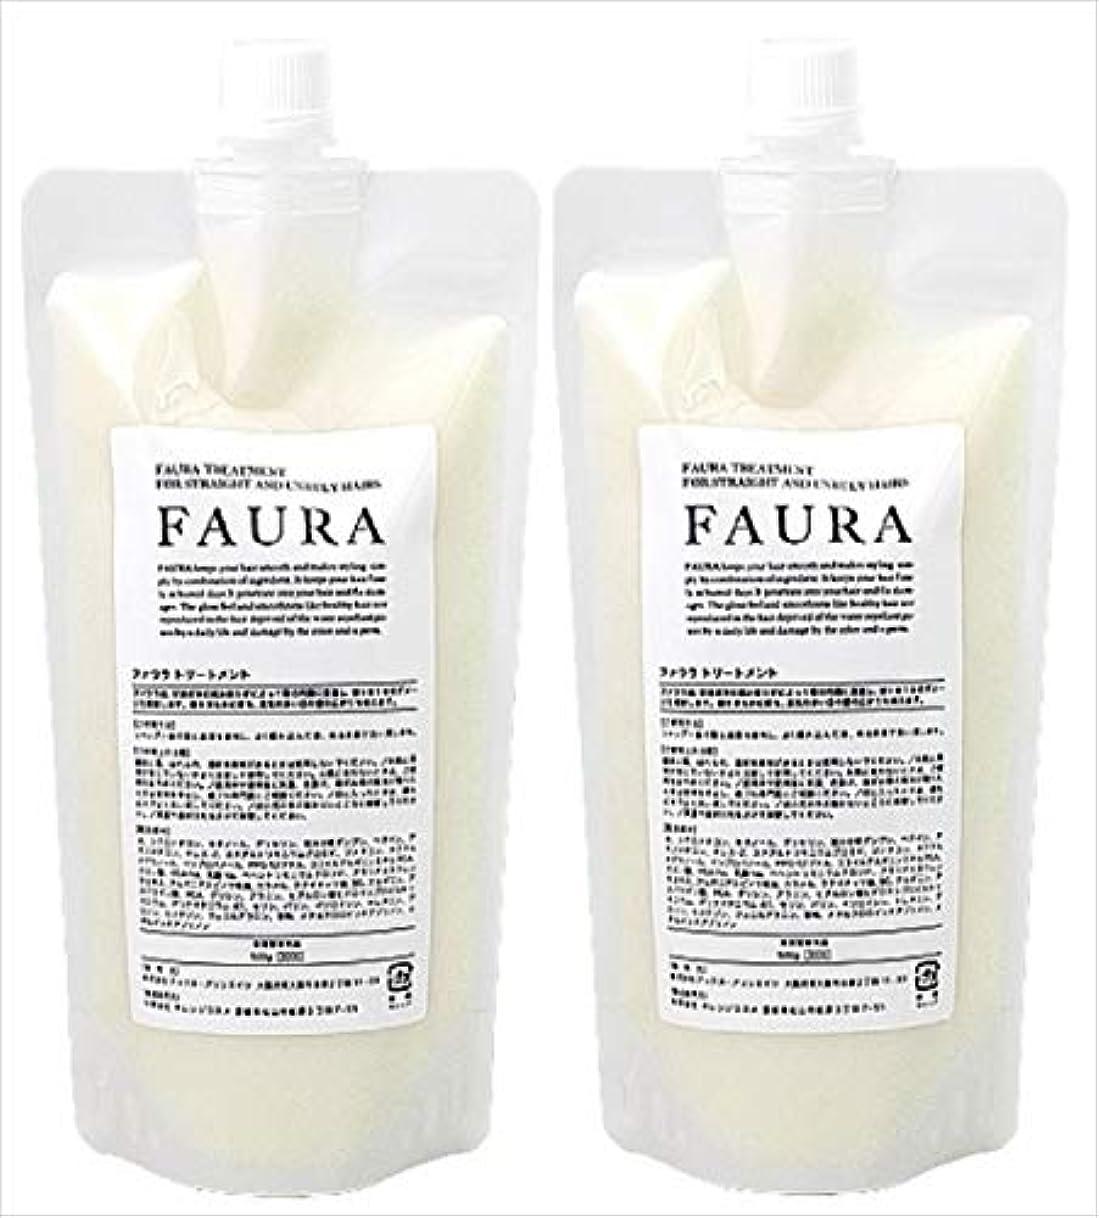 文庫本甲虫ロードブロッキング【送料無料】FAURA ファウラ ヘアトリートメント (傷んだ髪に) 詰替500g2つのセット 【サロン専売品】